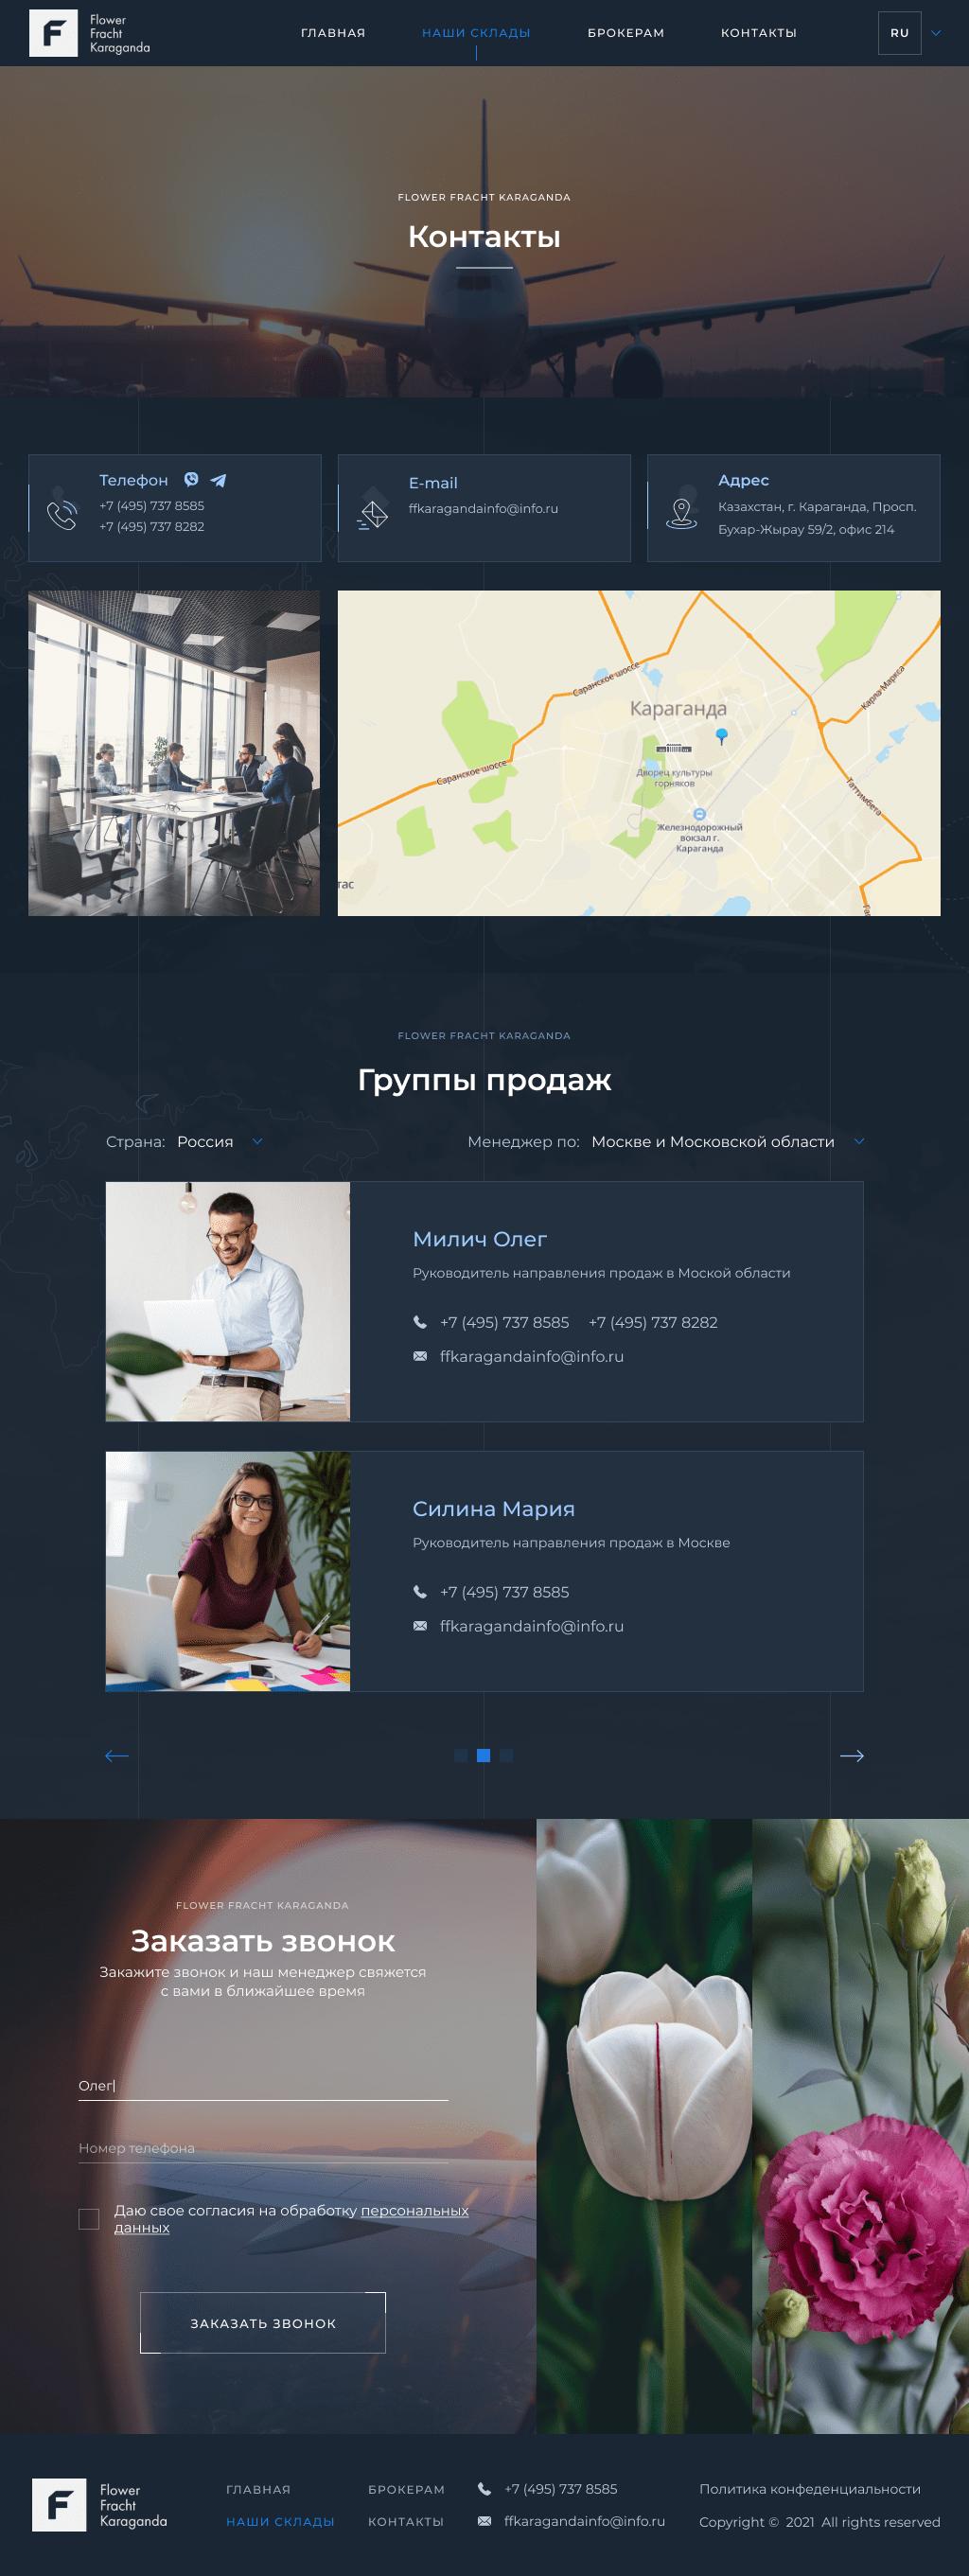 FFK_Logistic_03_ContactsTablet_1.0